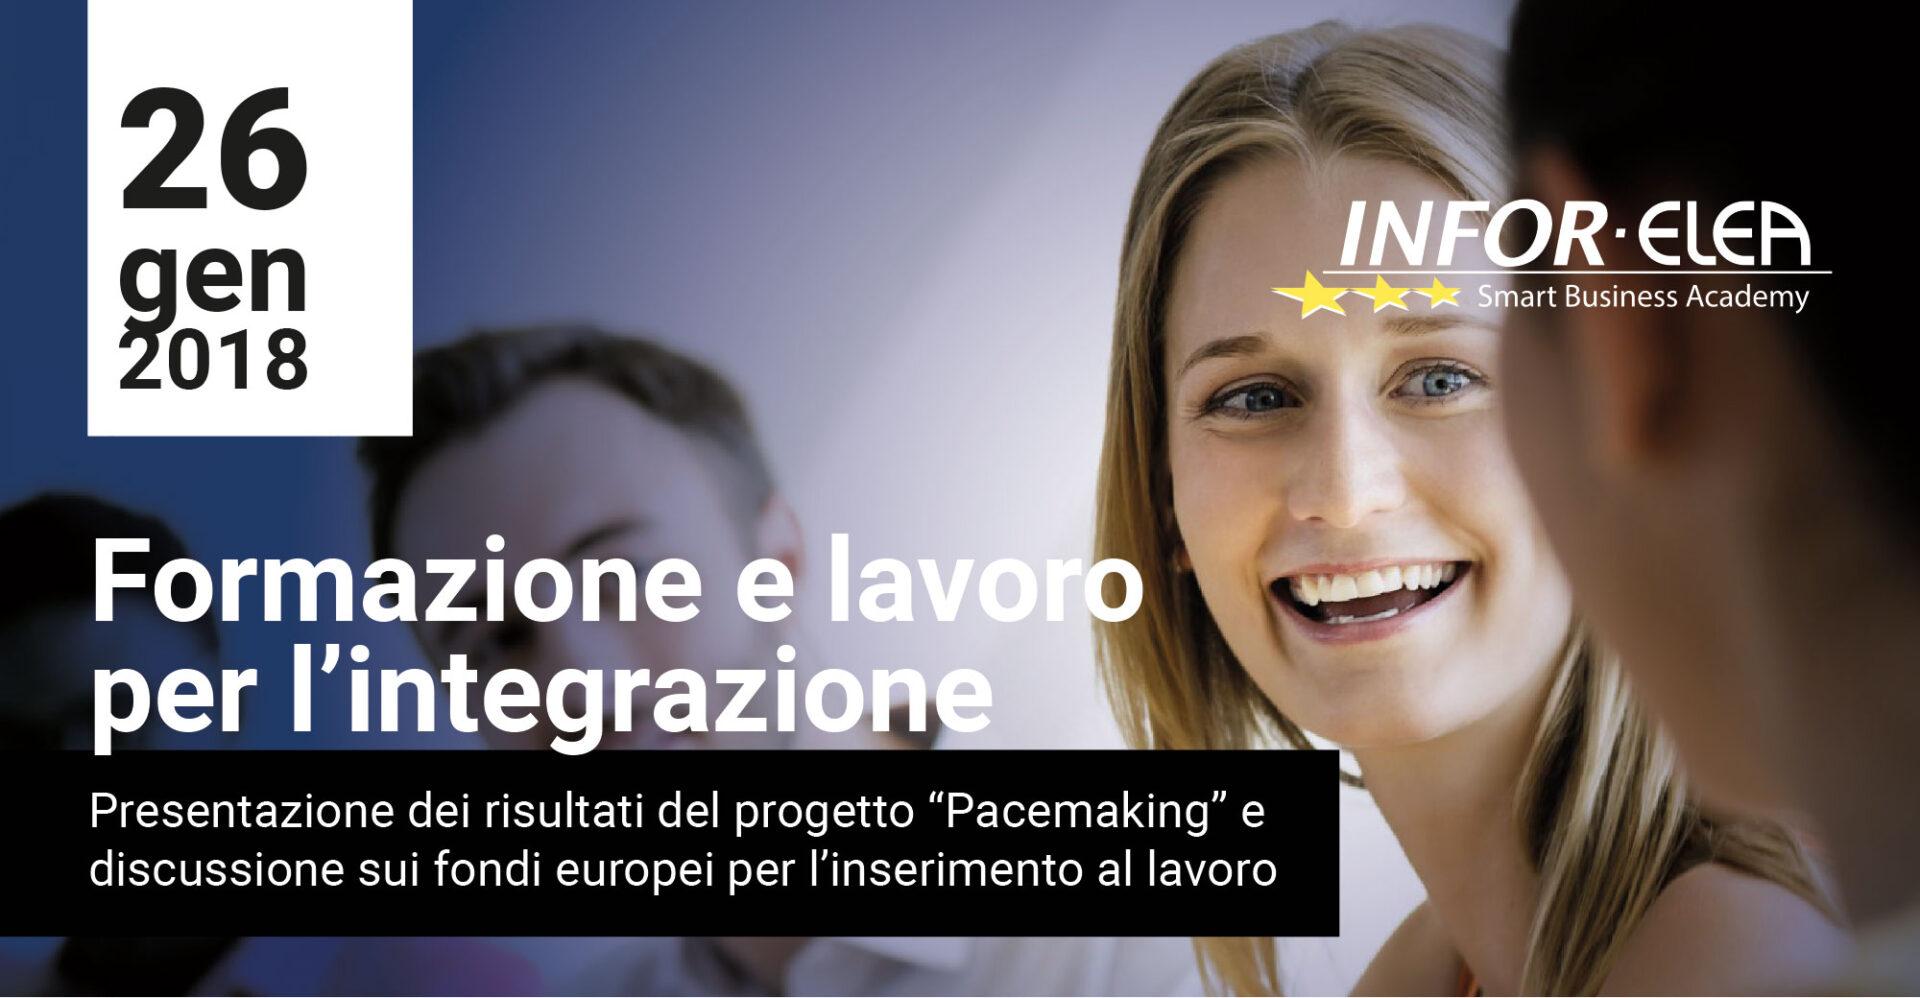 """26 gennaio 2018 – Formazione e lavoro per l'integrazione – Presentazione dei risultati del progetto """"Pacemaking"""" e discussione sui fondi europei per l'inserimento al lavoro"""